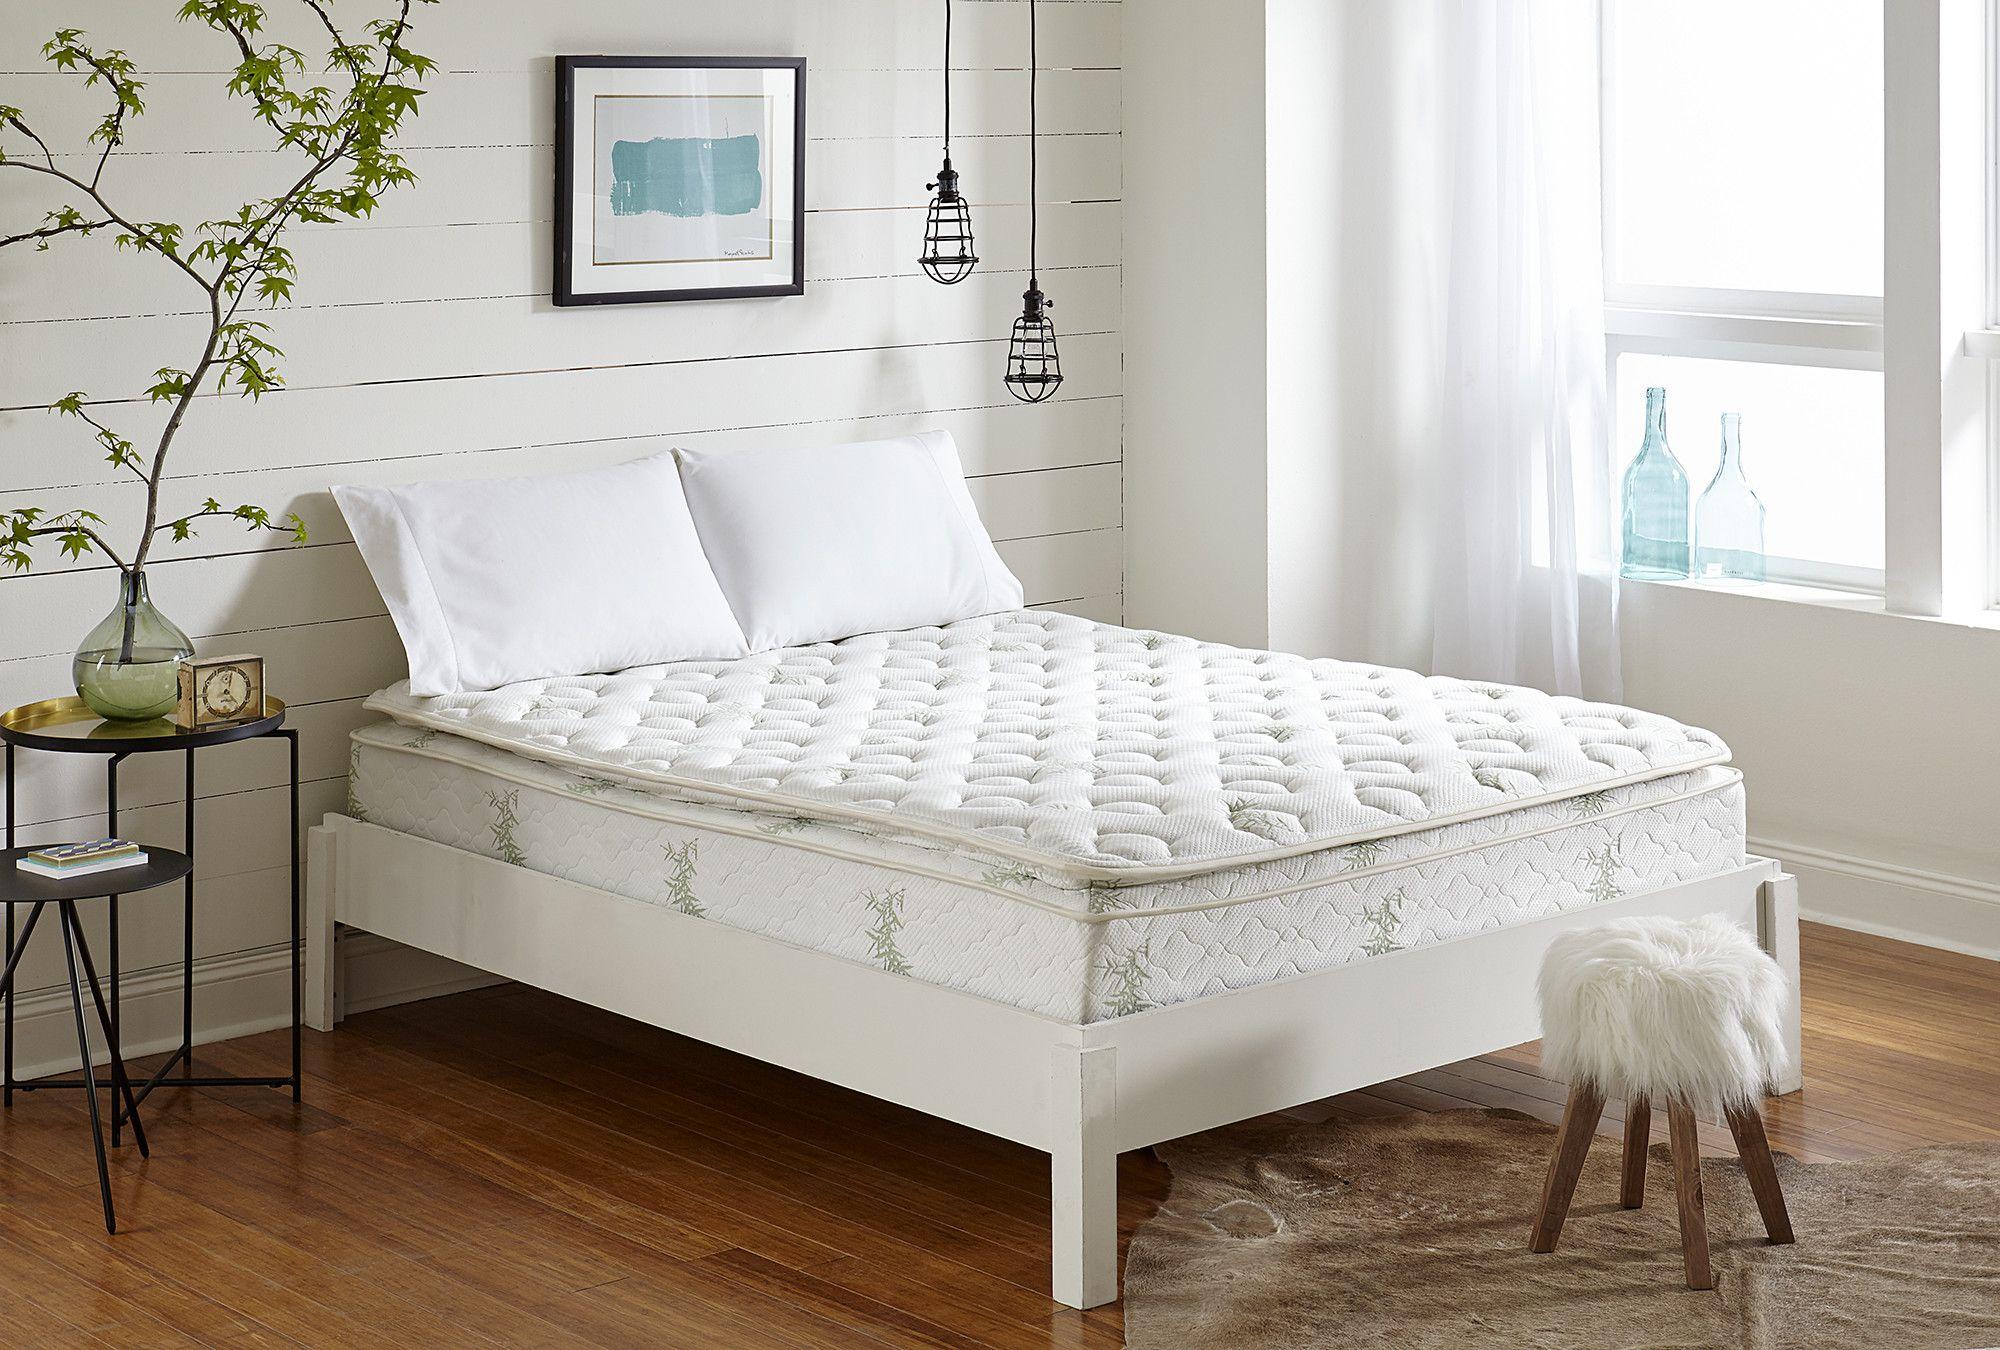 lull mattress review a 50 lull mattress coupon code deal